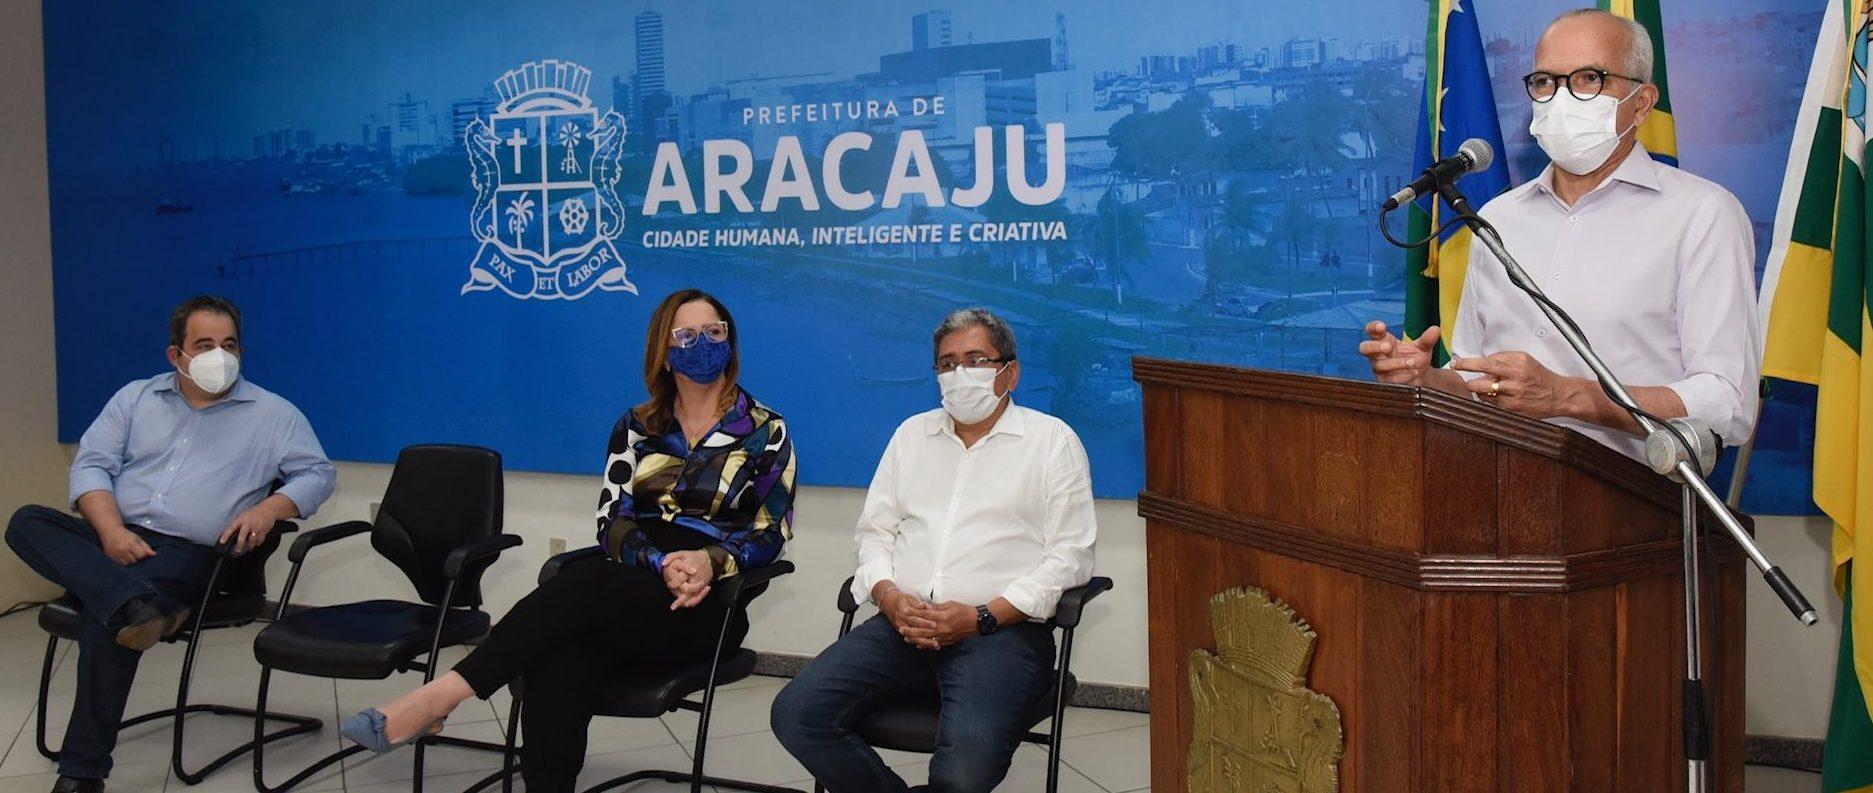 Aracaju lança projeto para infraestrutura de dados espaciais